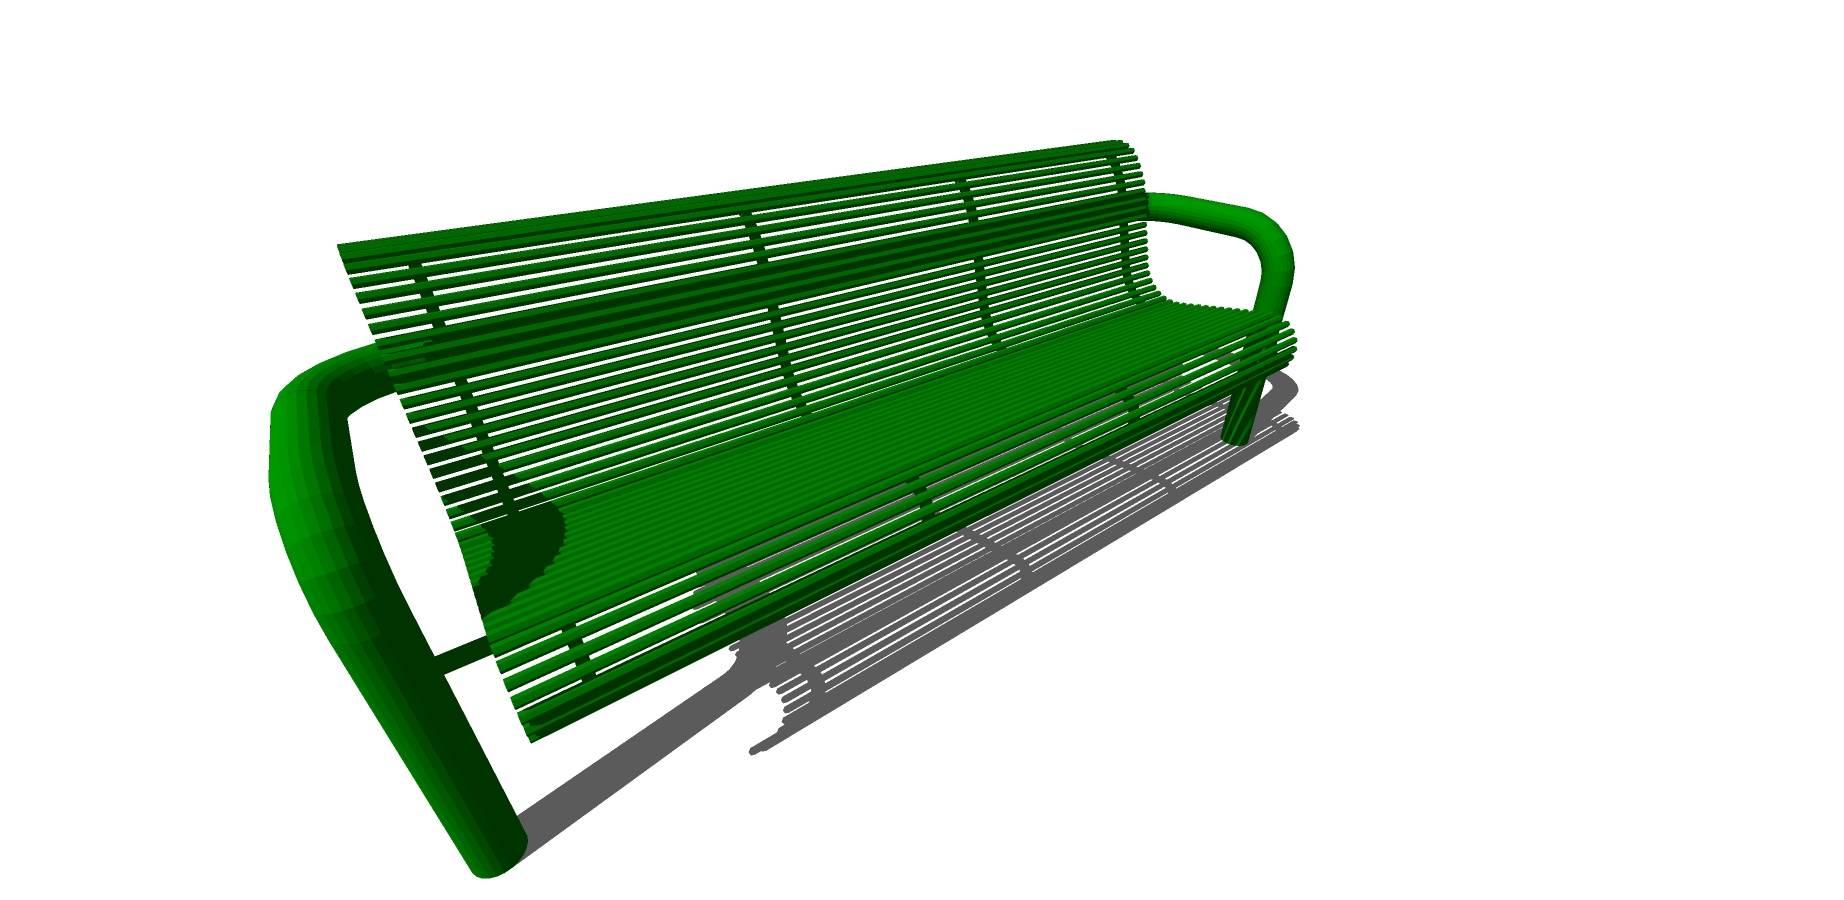 绿色铁艺镂空座椅sketchup模型素材